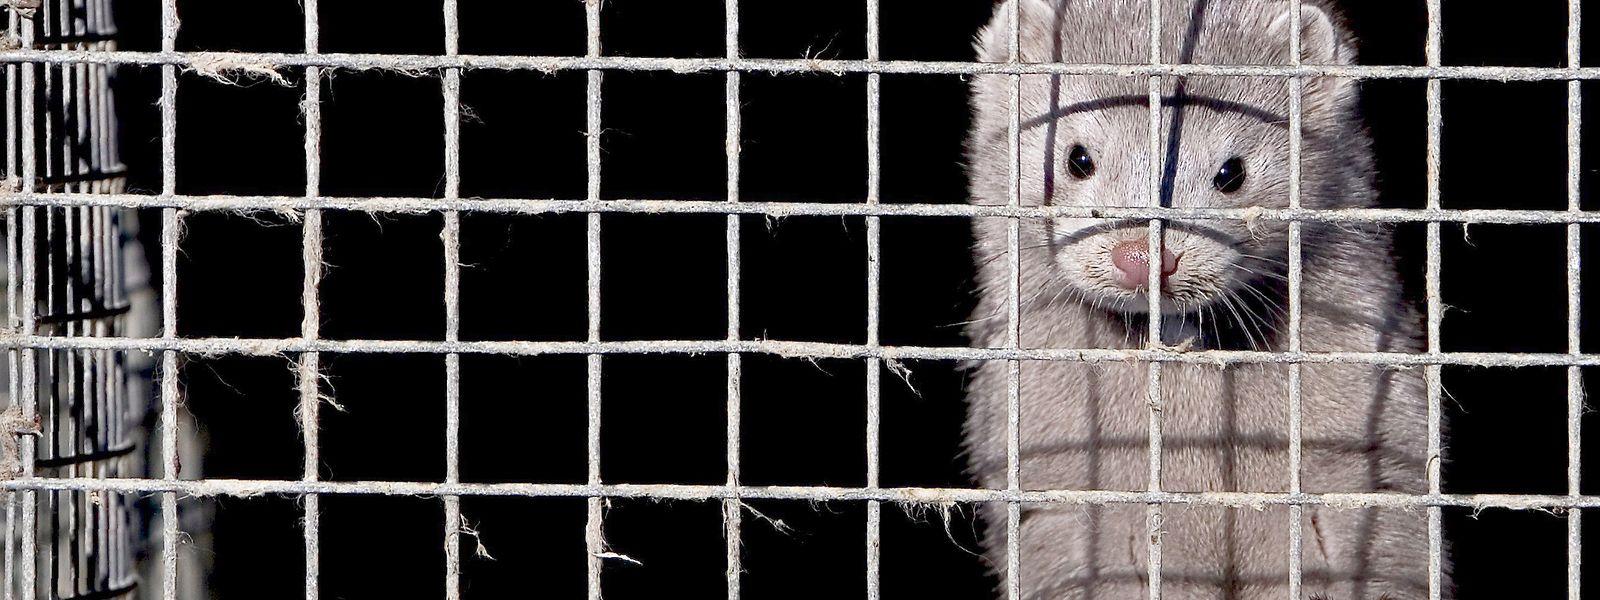 Ein Nerz in einem Käfig in einer chinesischen Nerzfarm.